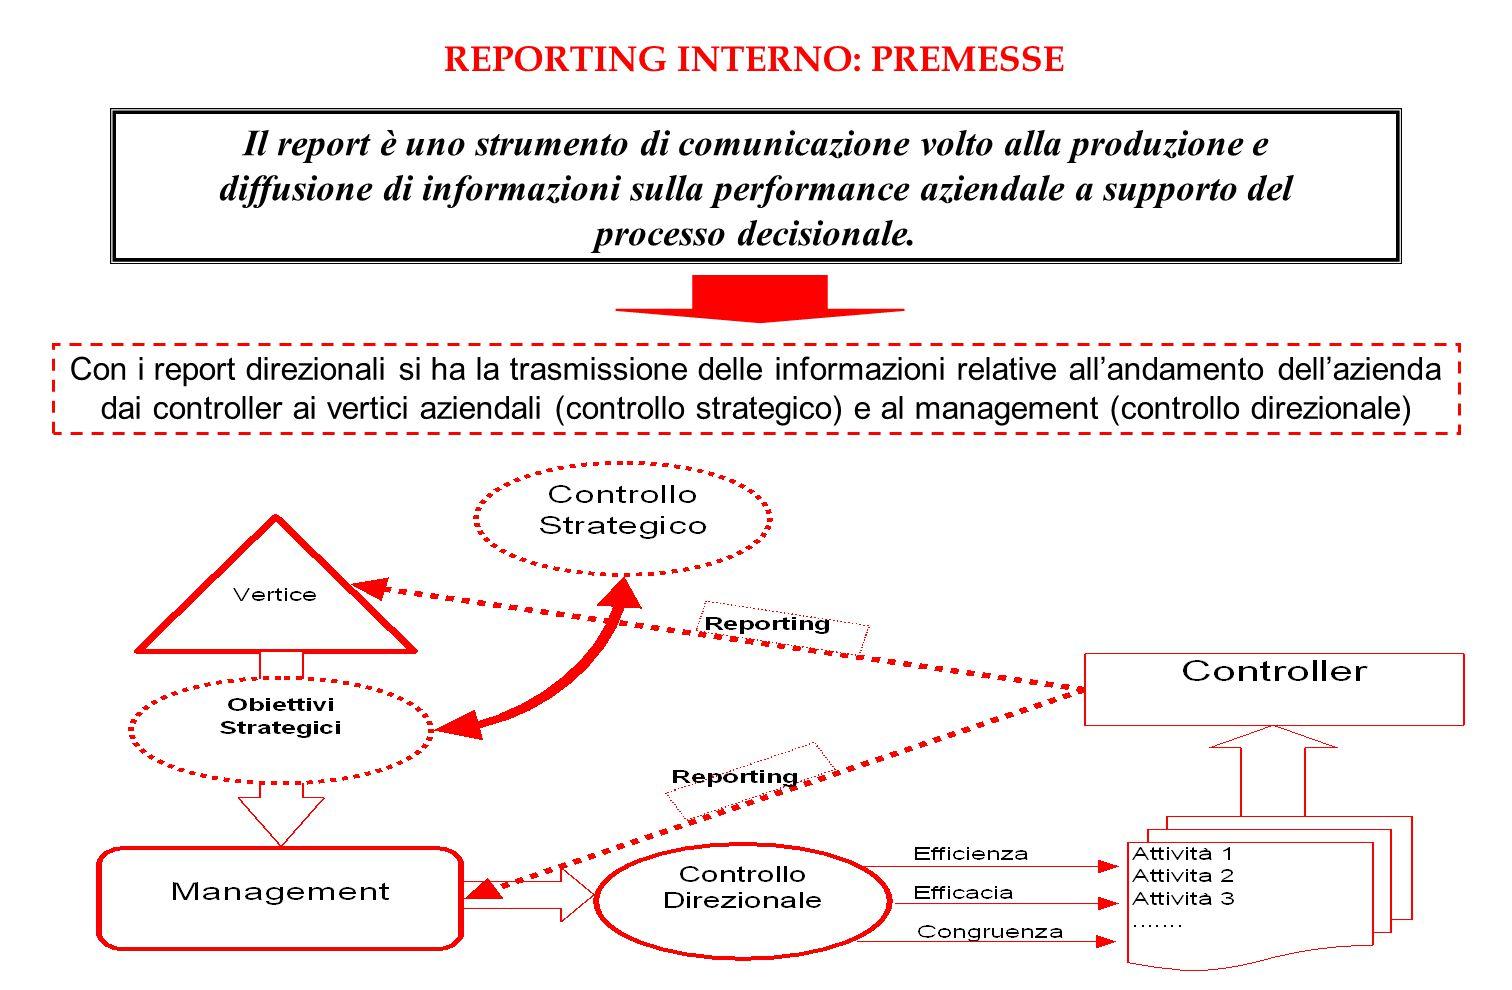 Il report è uno strumento di comunicazione volto alla produzione e